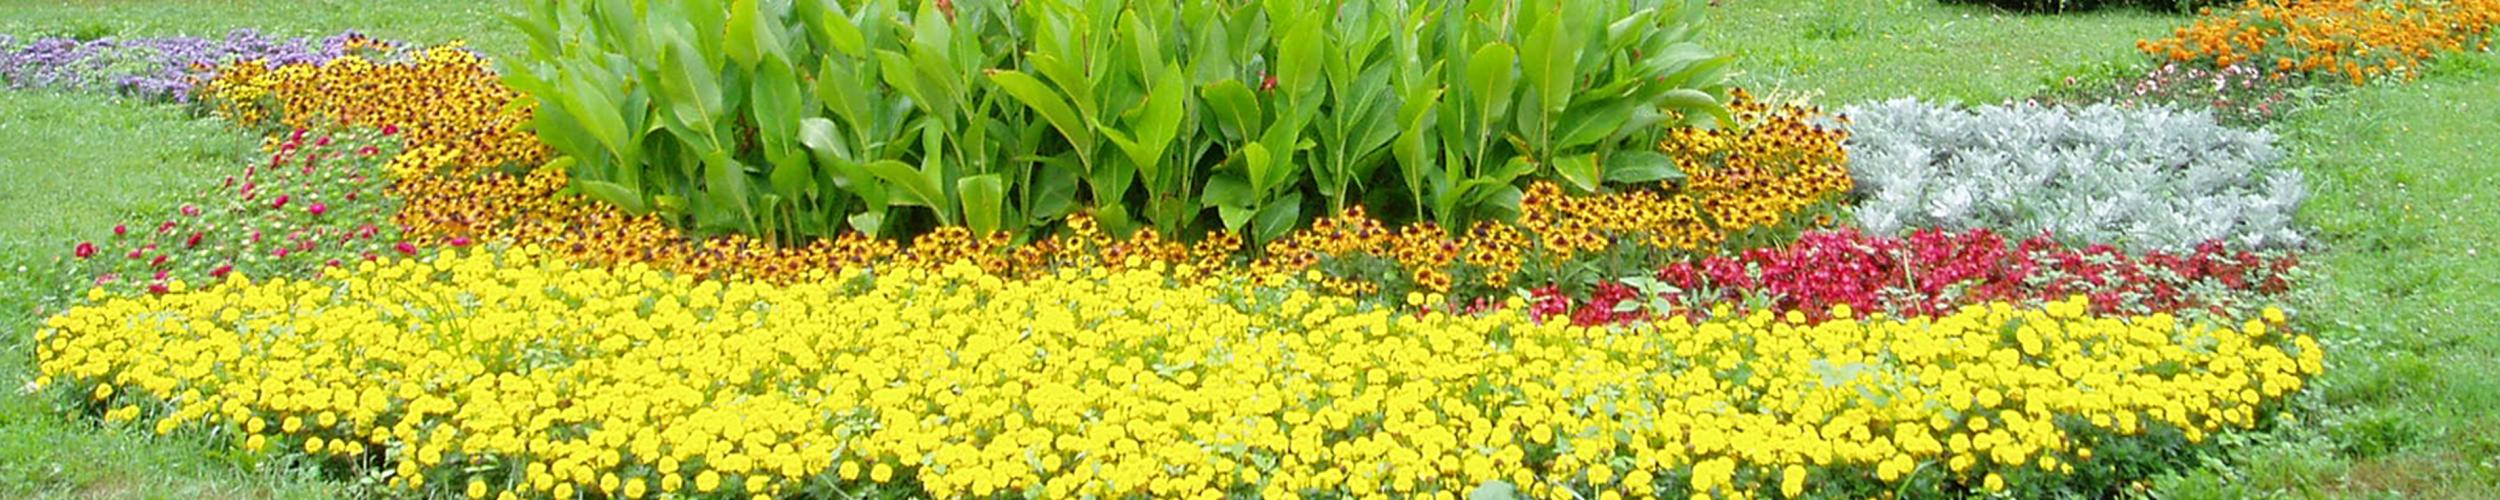 Květinové záhony v Otrokovice